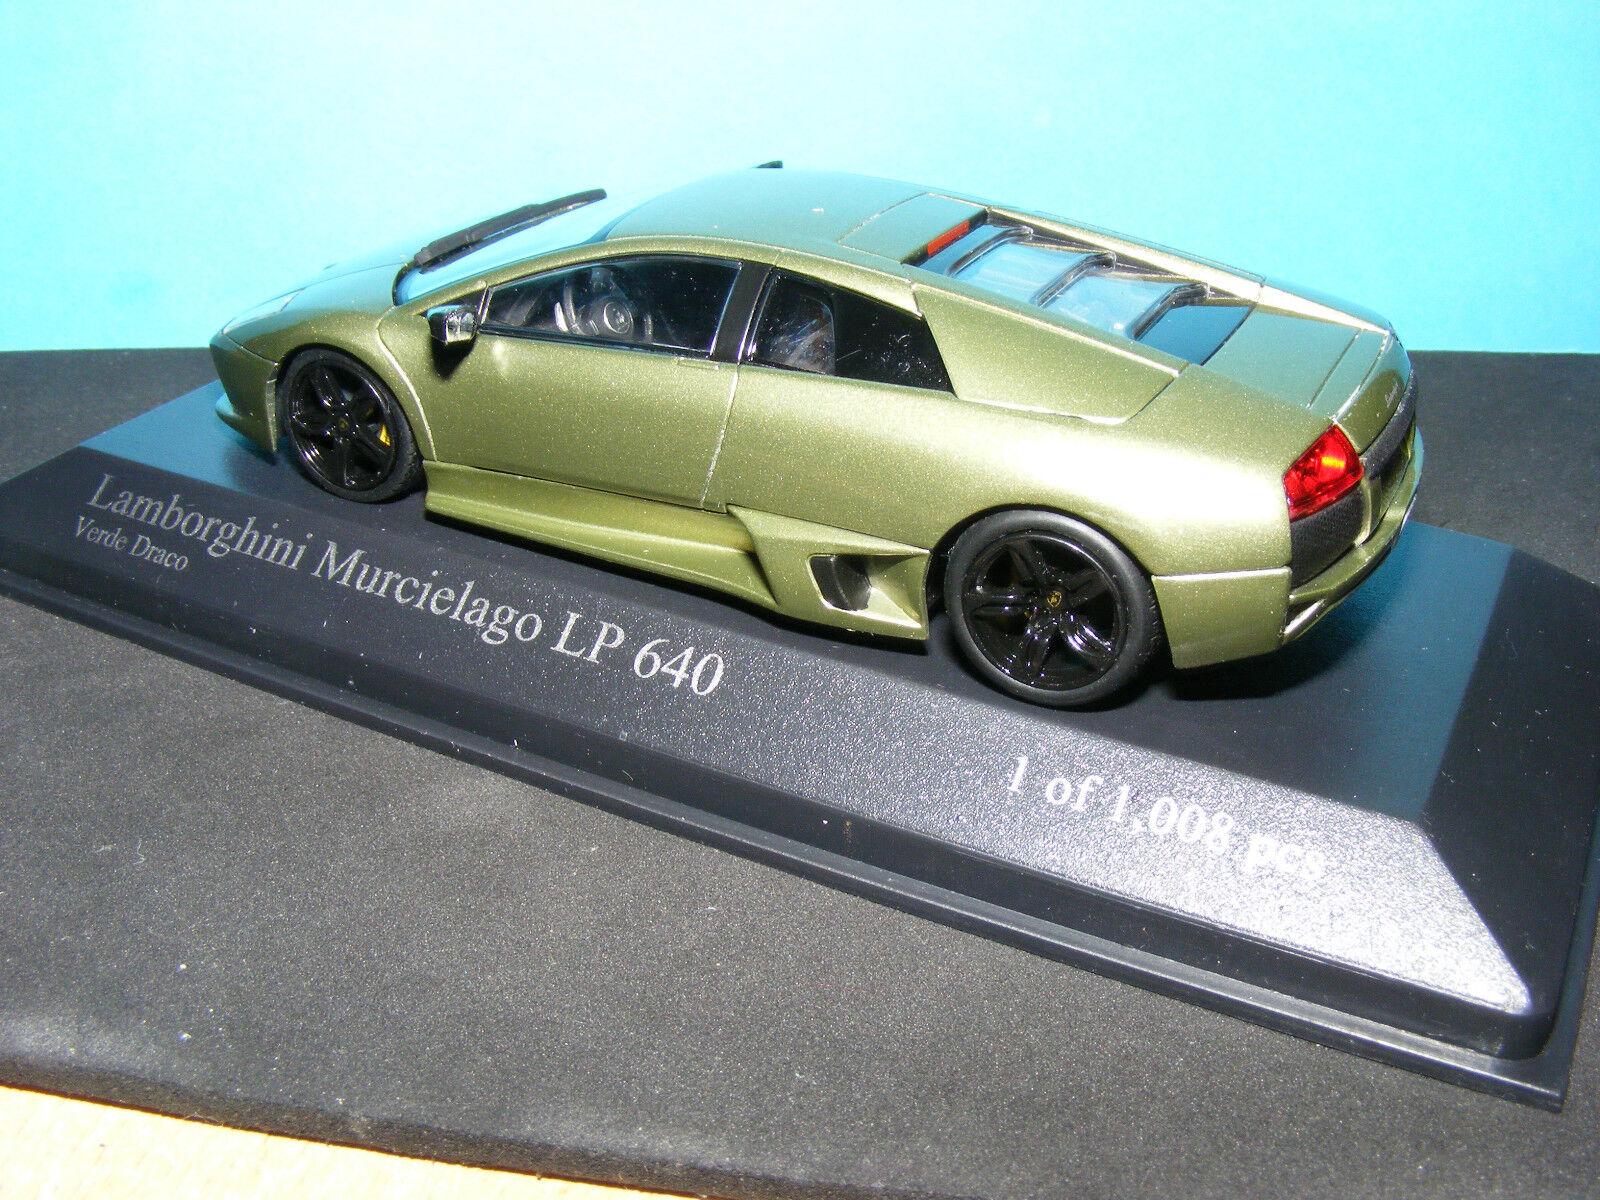 LAMBORGHINI MURCIELAGO LP-640 1 43 NLA Rare Minichamps 1 43RD sCALE